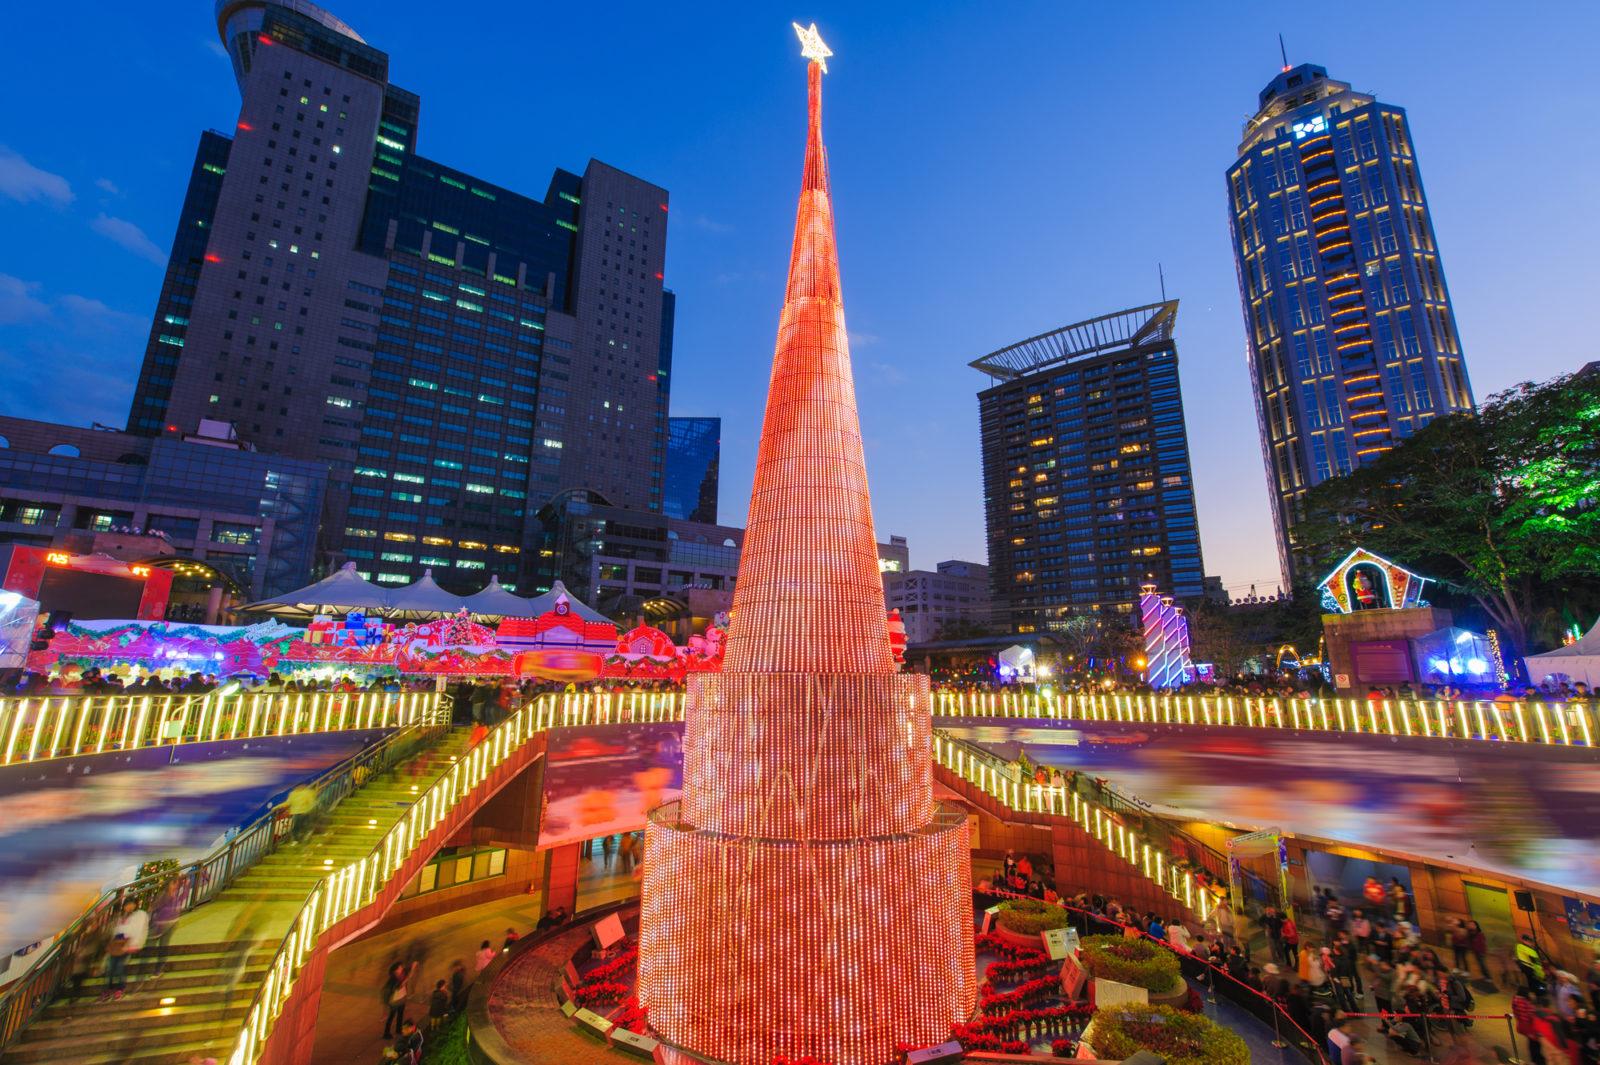 Taipei Taiwan Christmas Tree